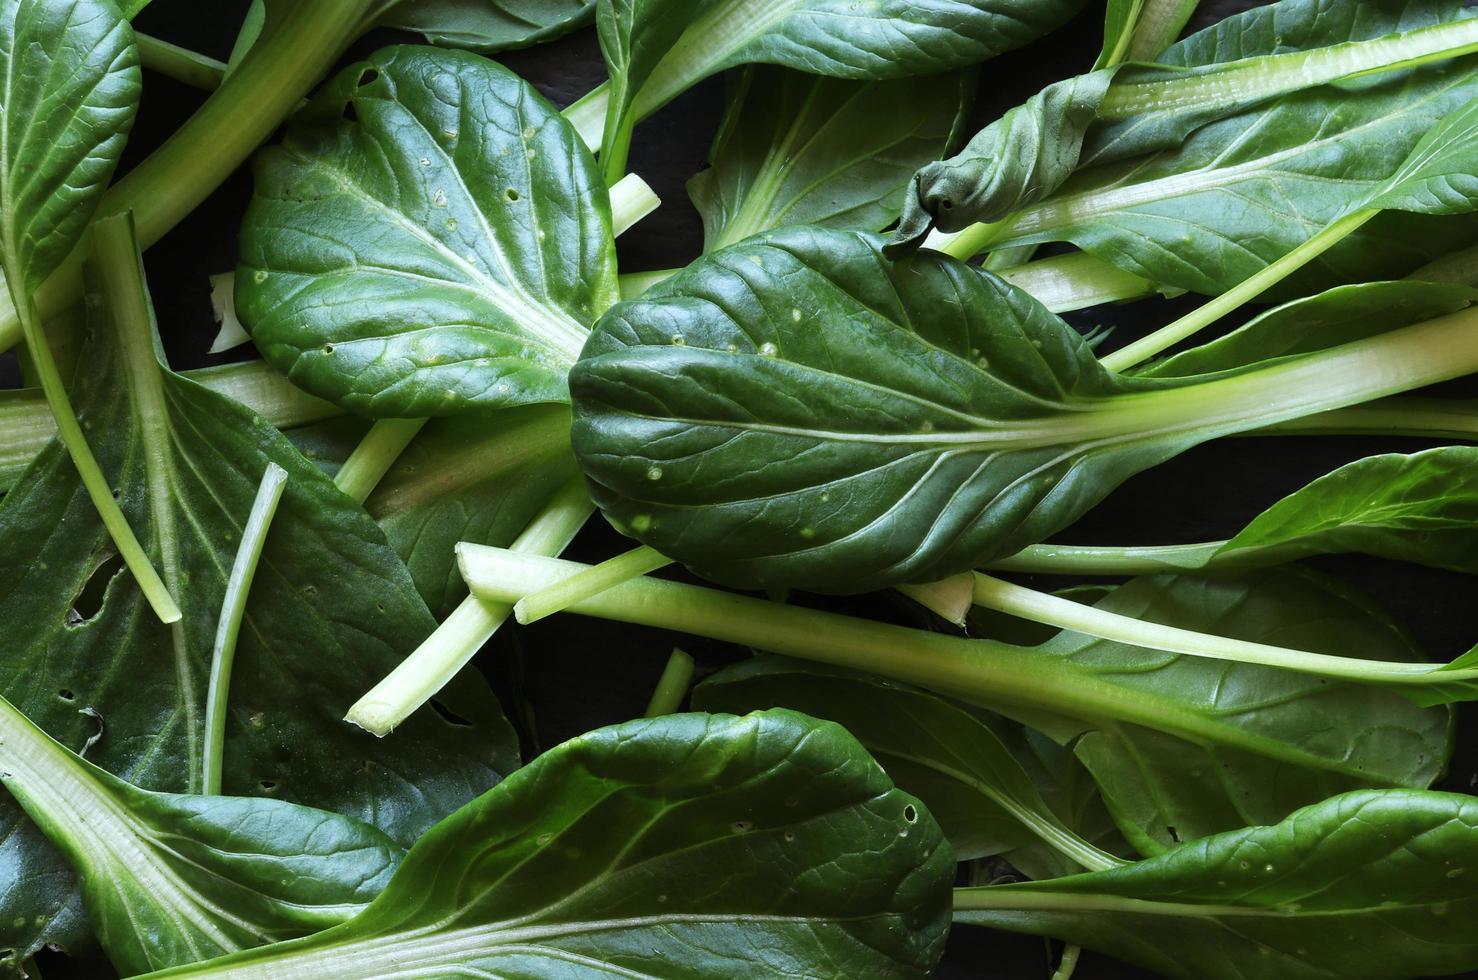 fotografia di baby pak-choi foglie di insalata per sfondo alimentare foto